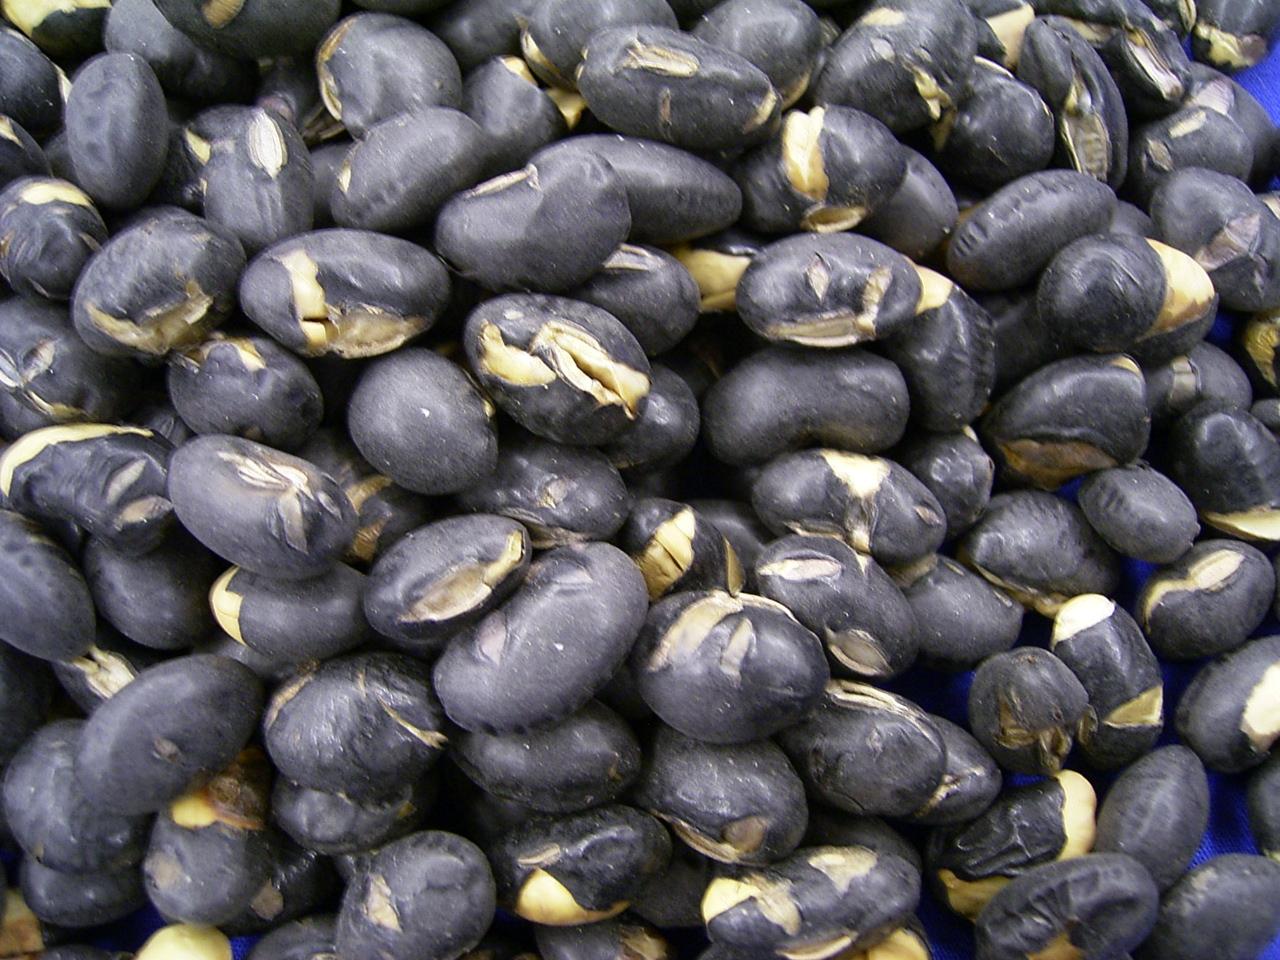 煎り黒豆(200g×2p)素焼の北海道黒大豆!パリポリ食べて健康♪